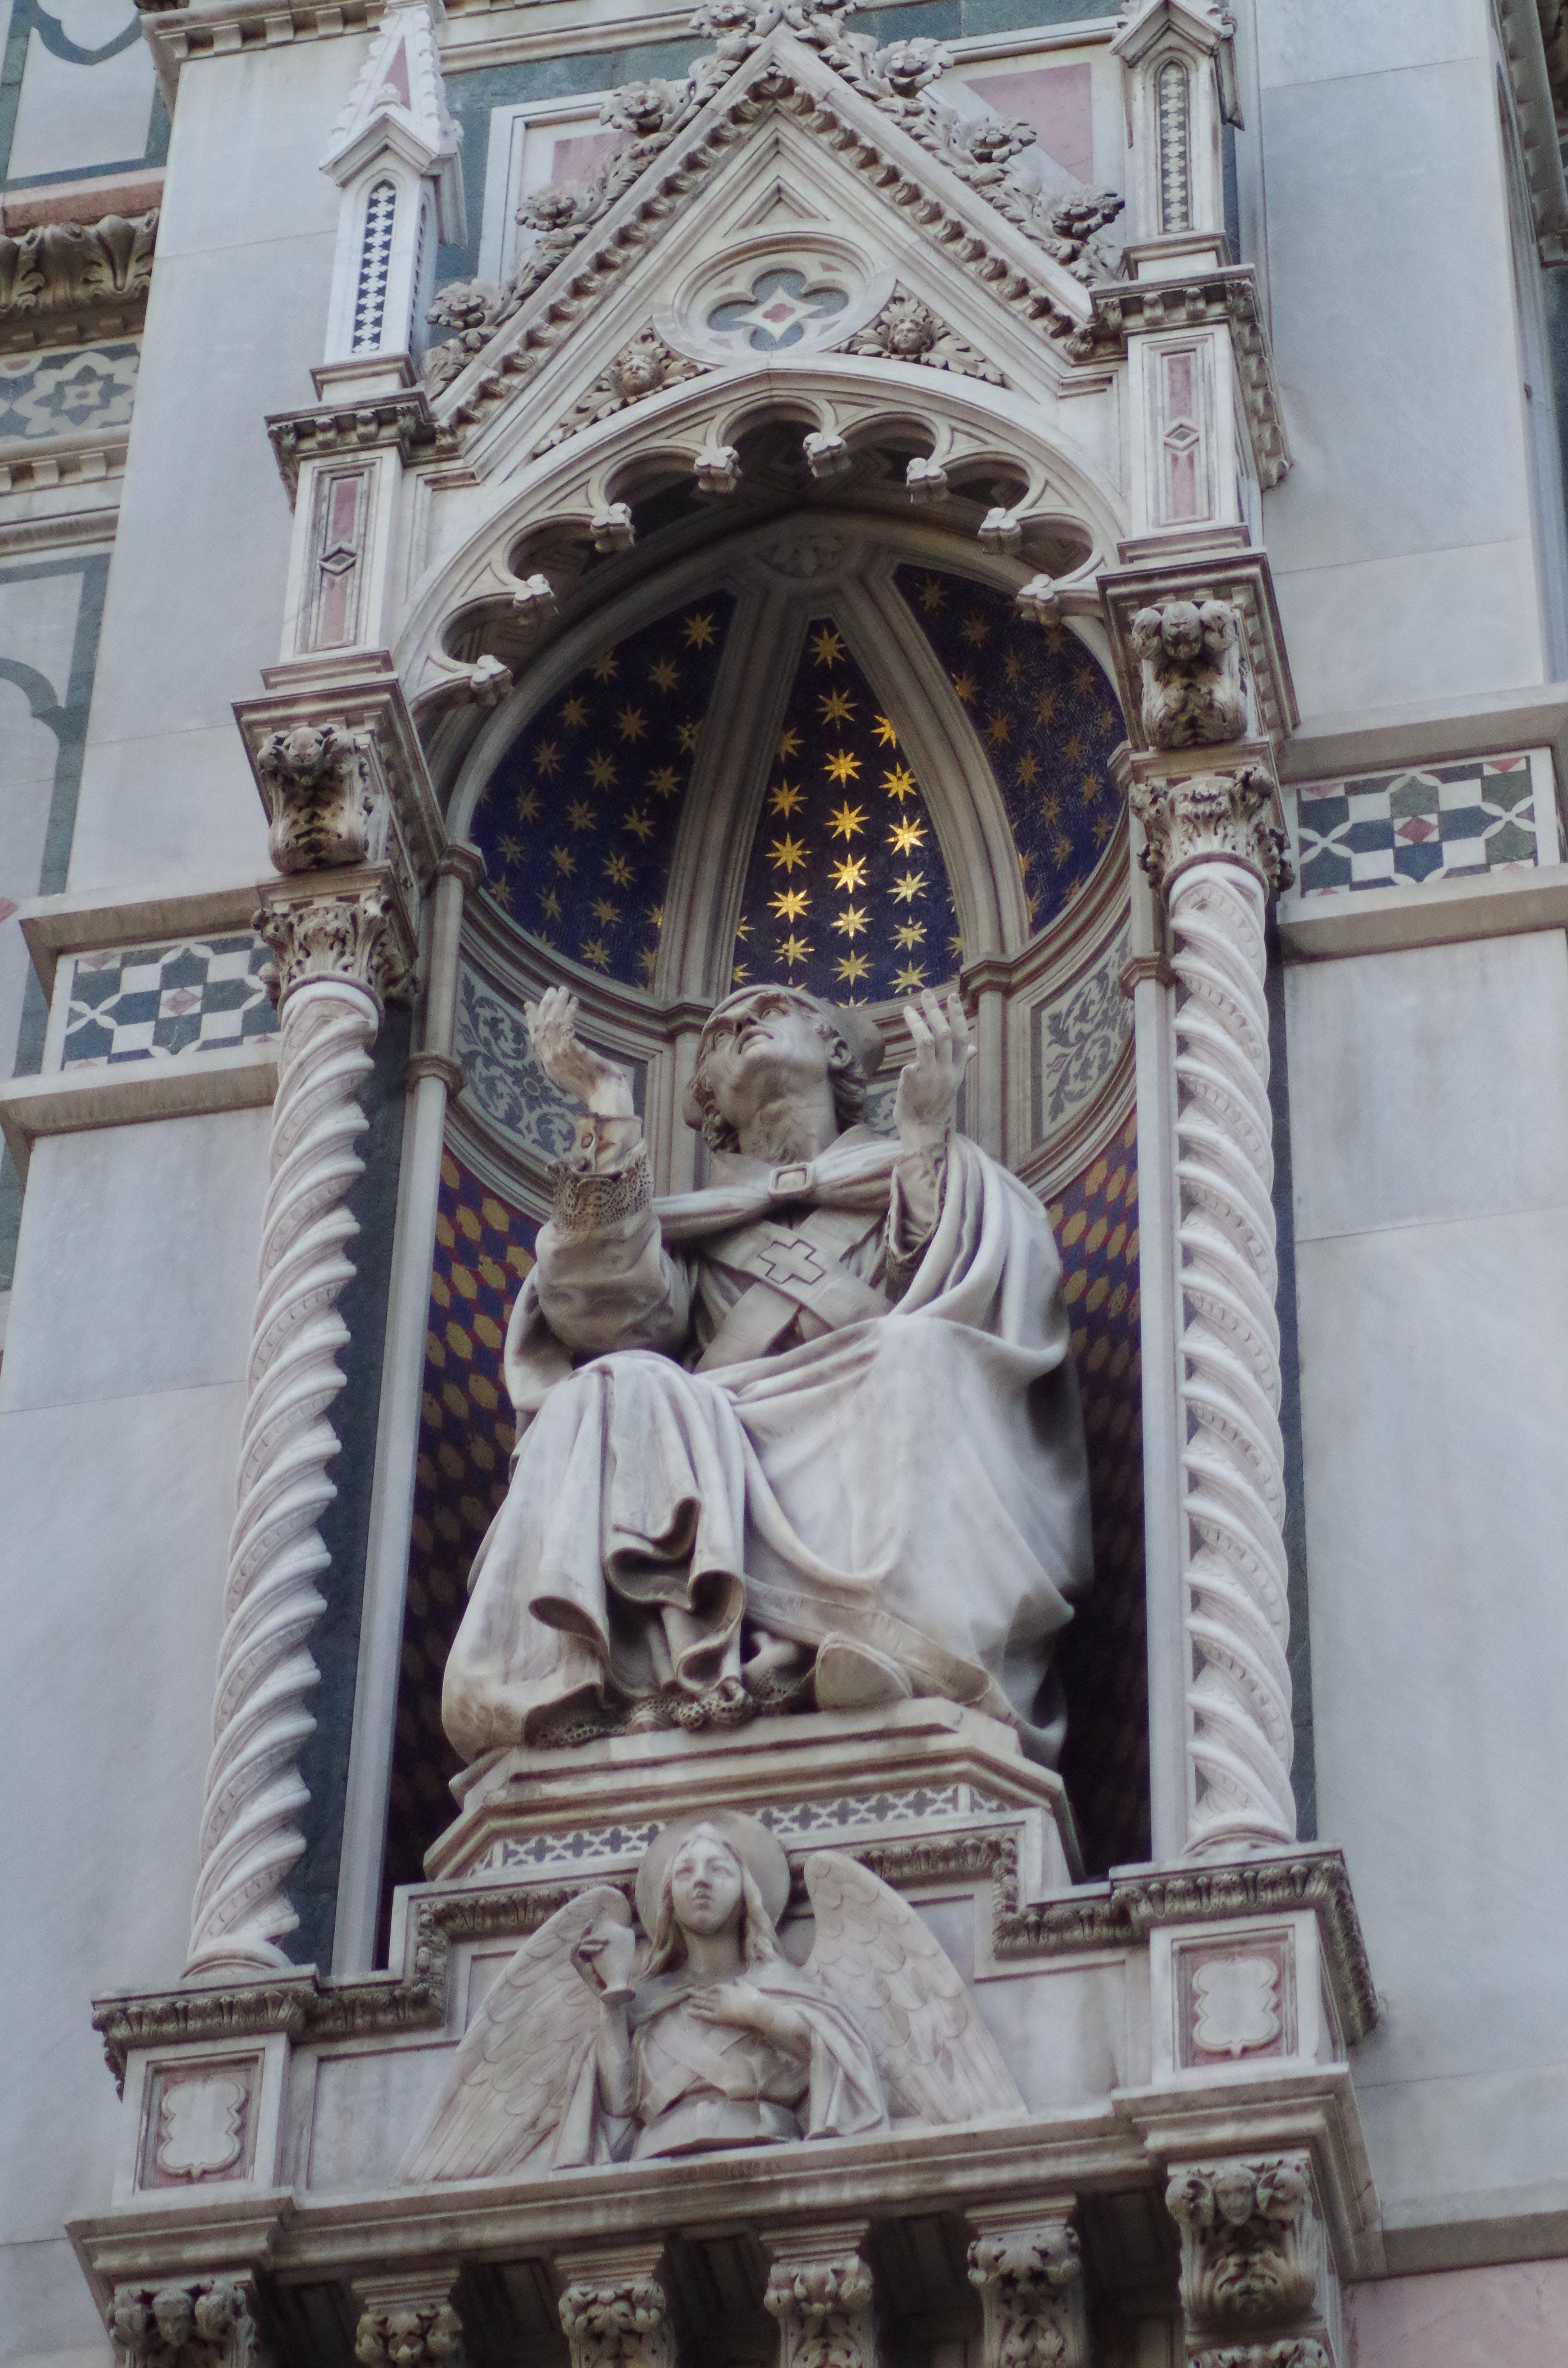 Kostenloses Stock Foto zu architektur, kirche, kunst, skulptur